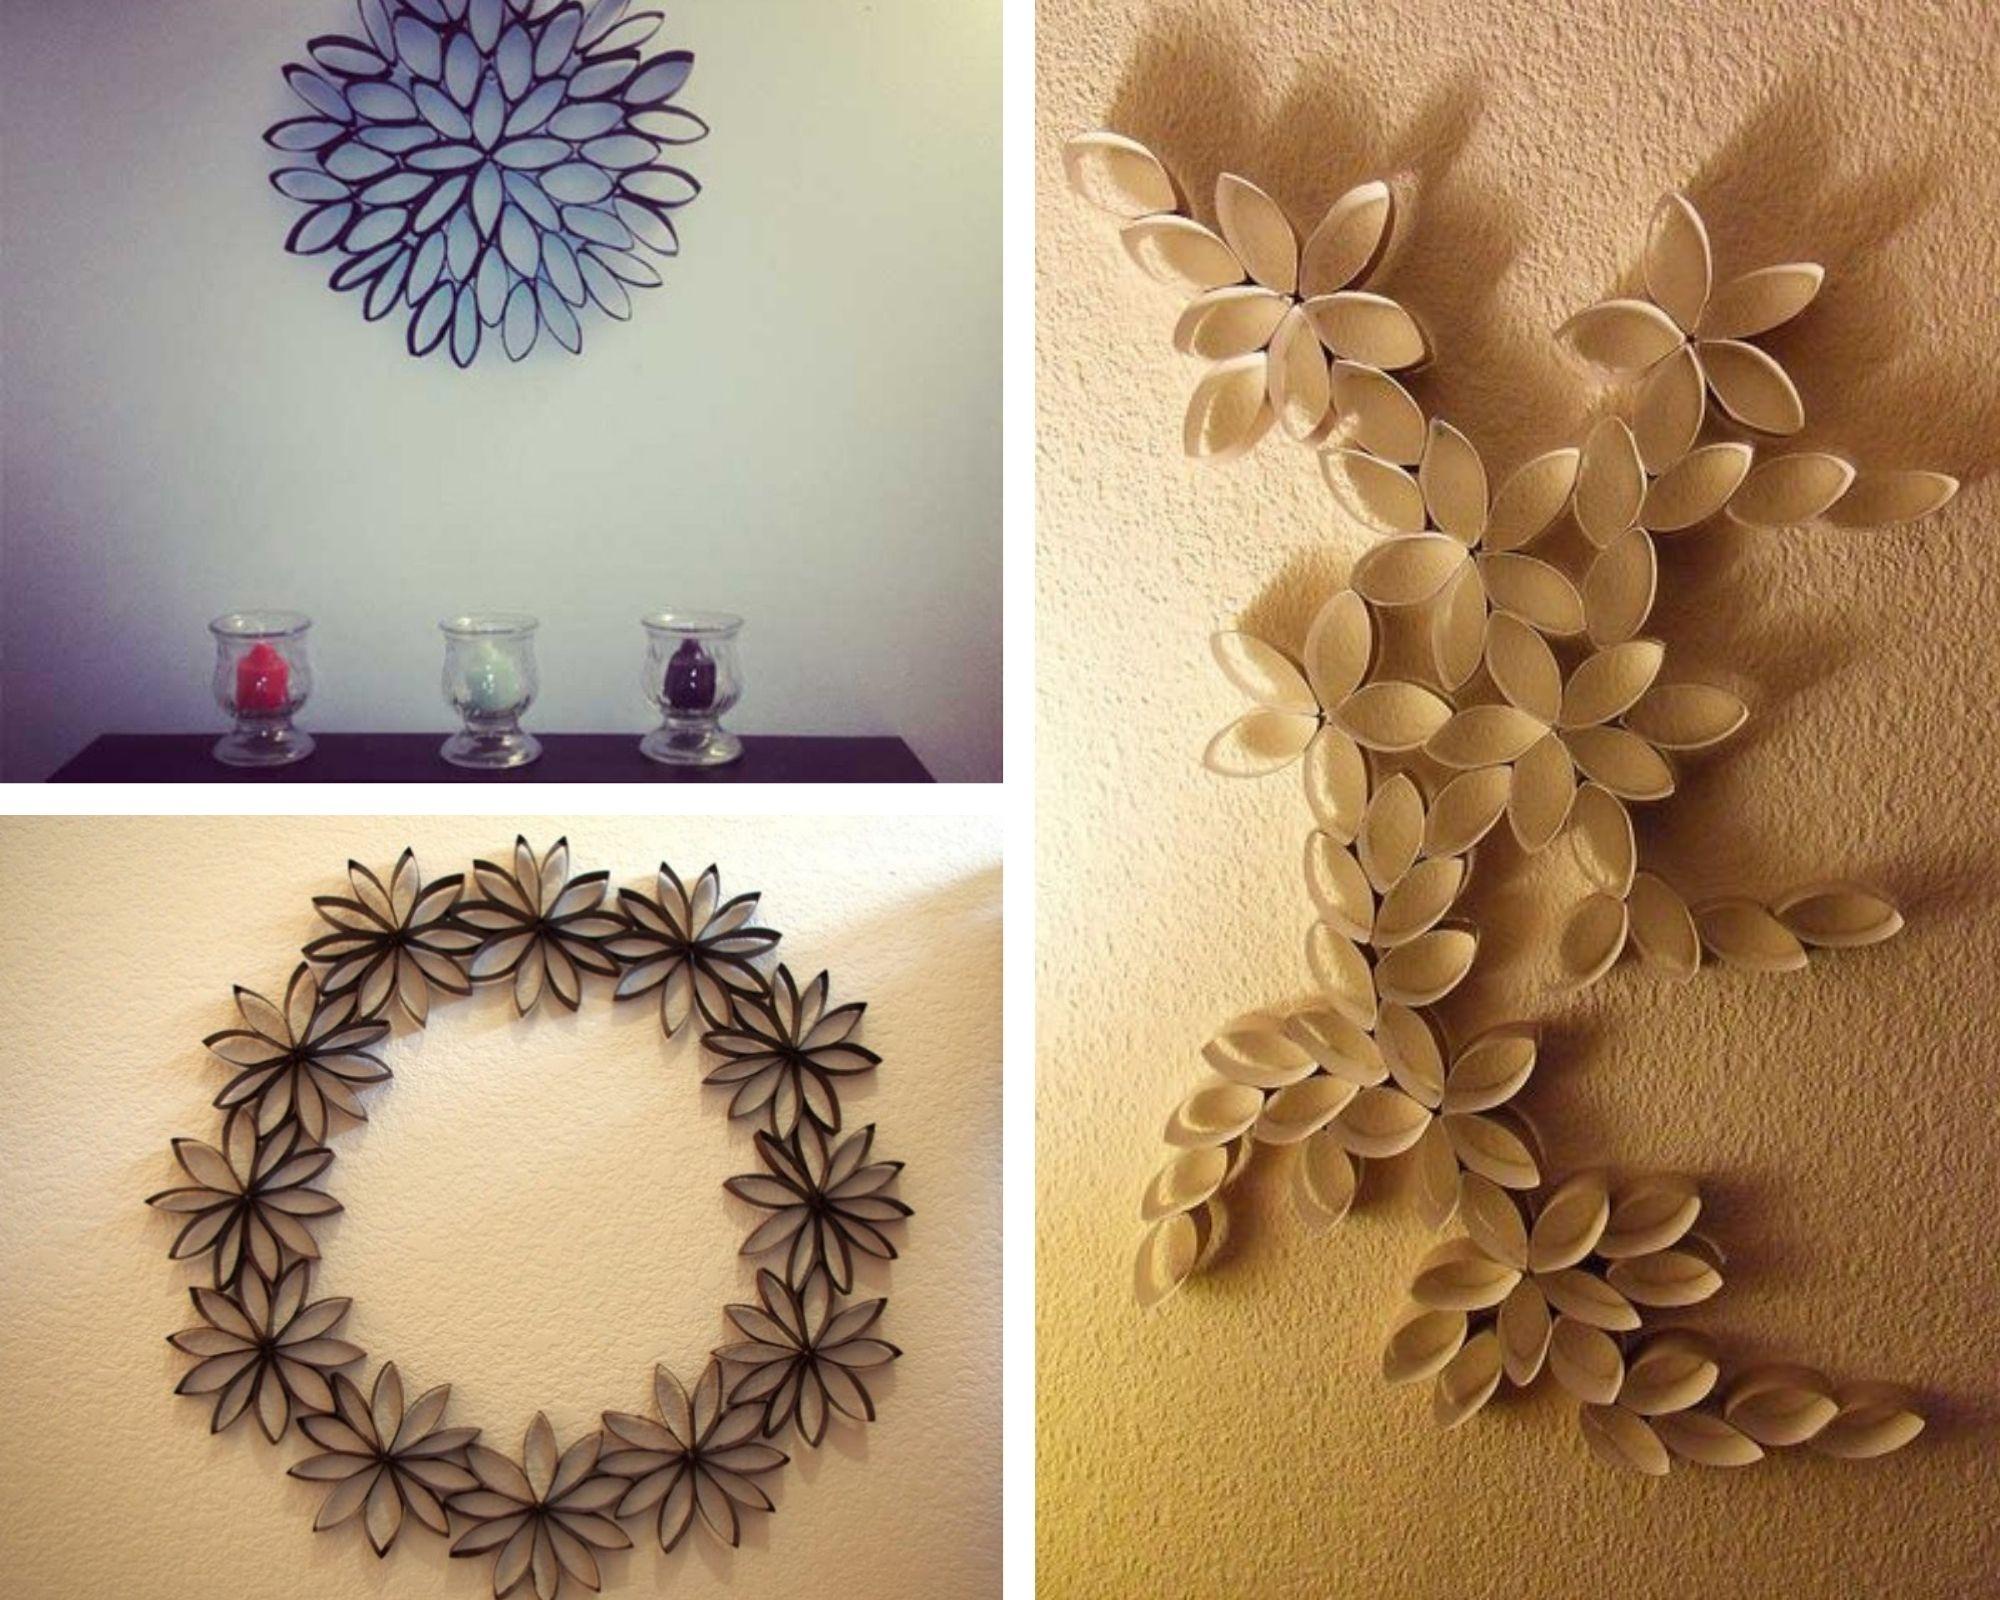 trang trí nhà cửa đẹp bằng tái chế lõi giấy vệ sinh